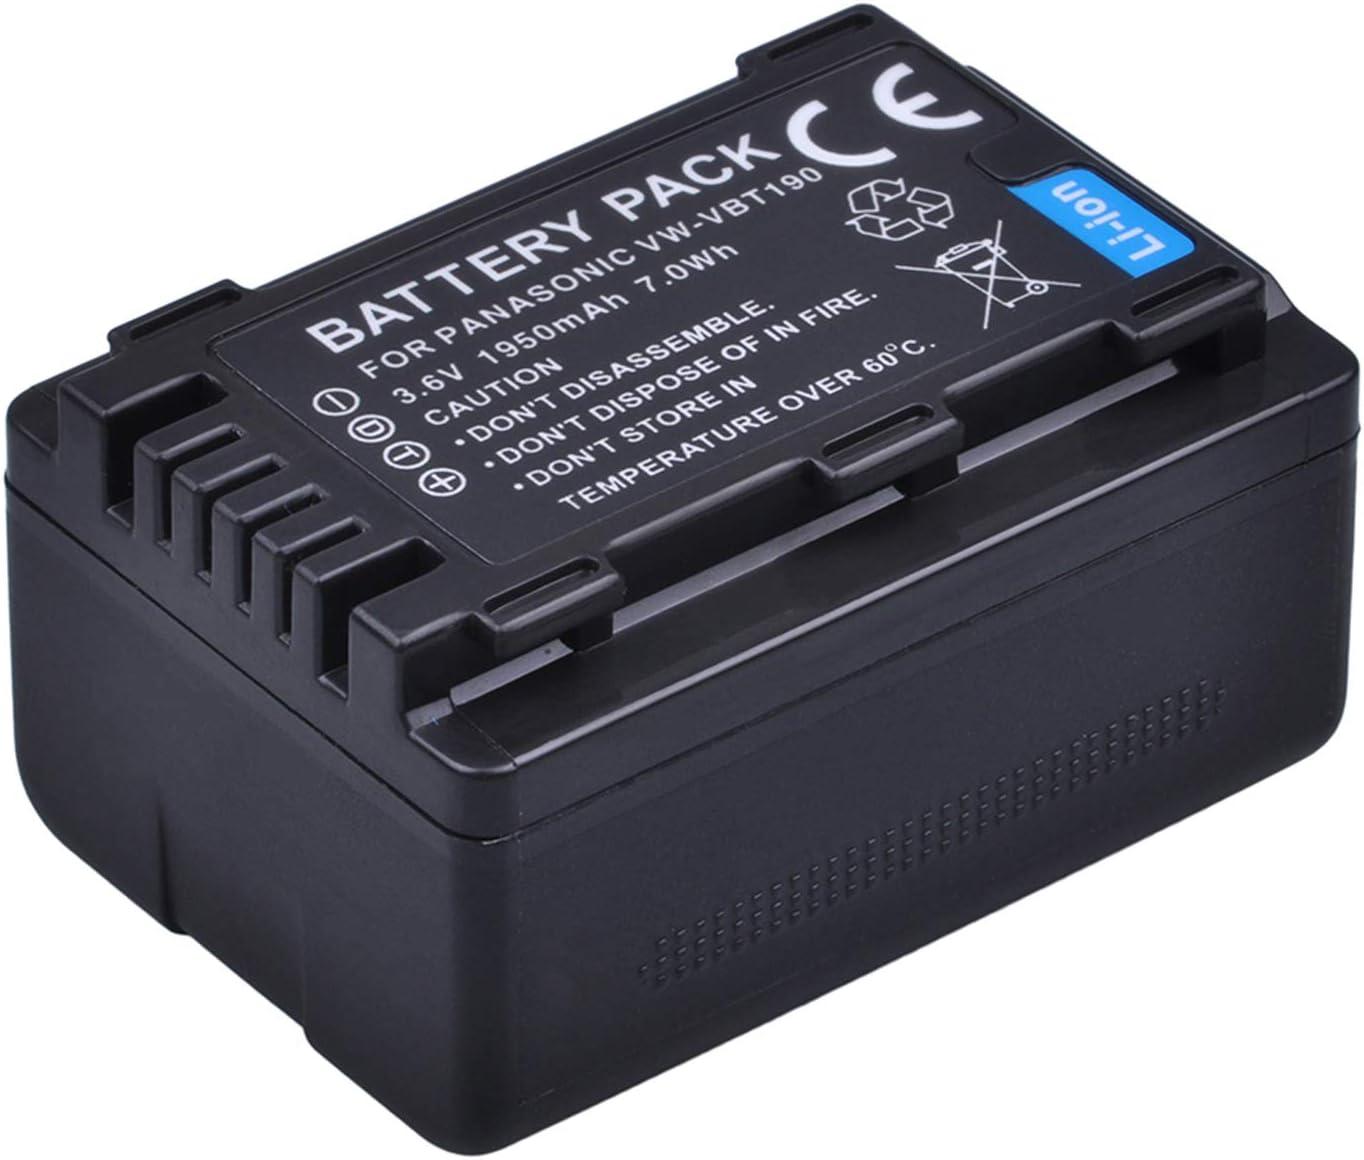 HC-V800EE Battery Pack for Panasonic HC-V750M HC-V770EE HC-V770EP-K Full HD Camcorder HC-V750MK HC-V770MK